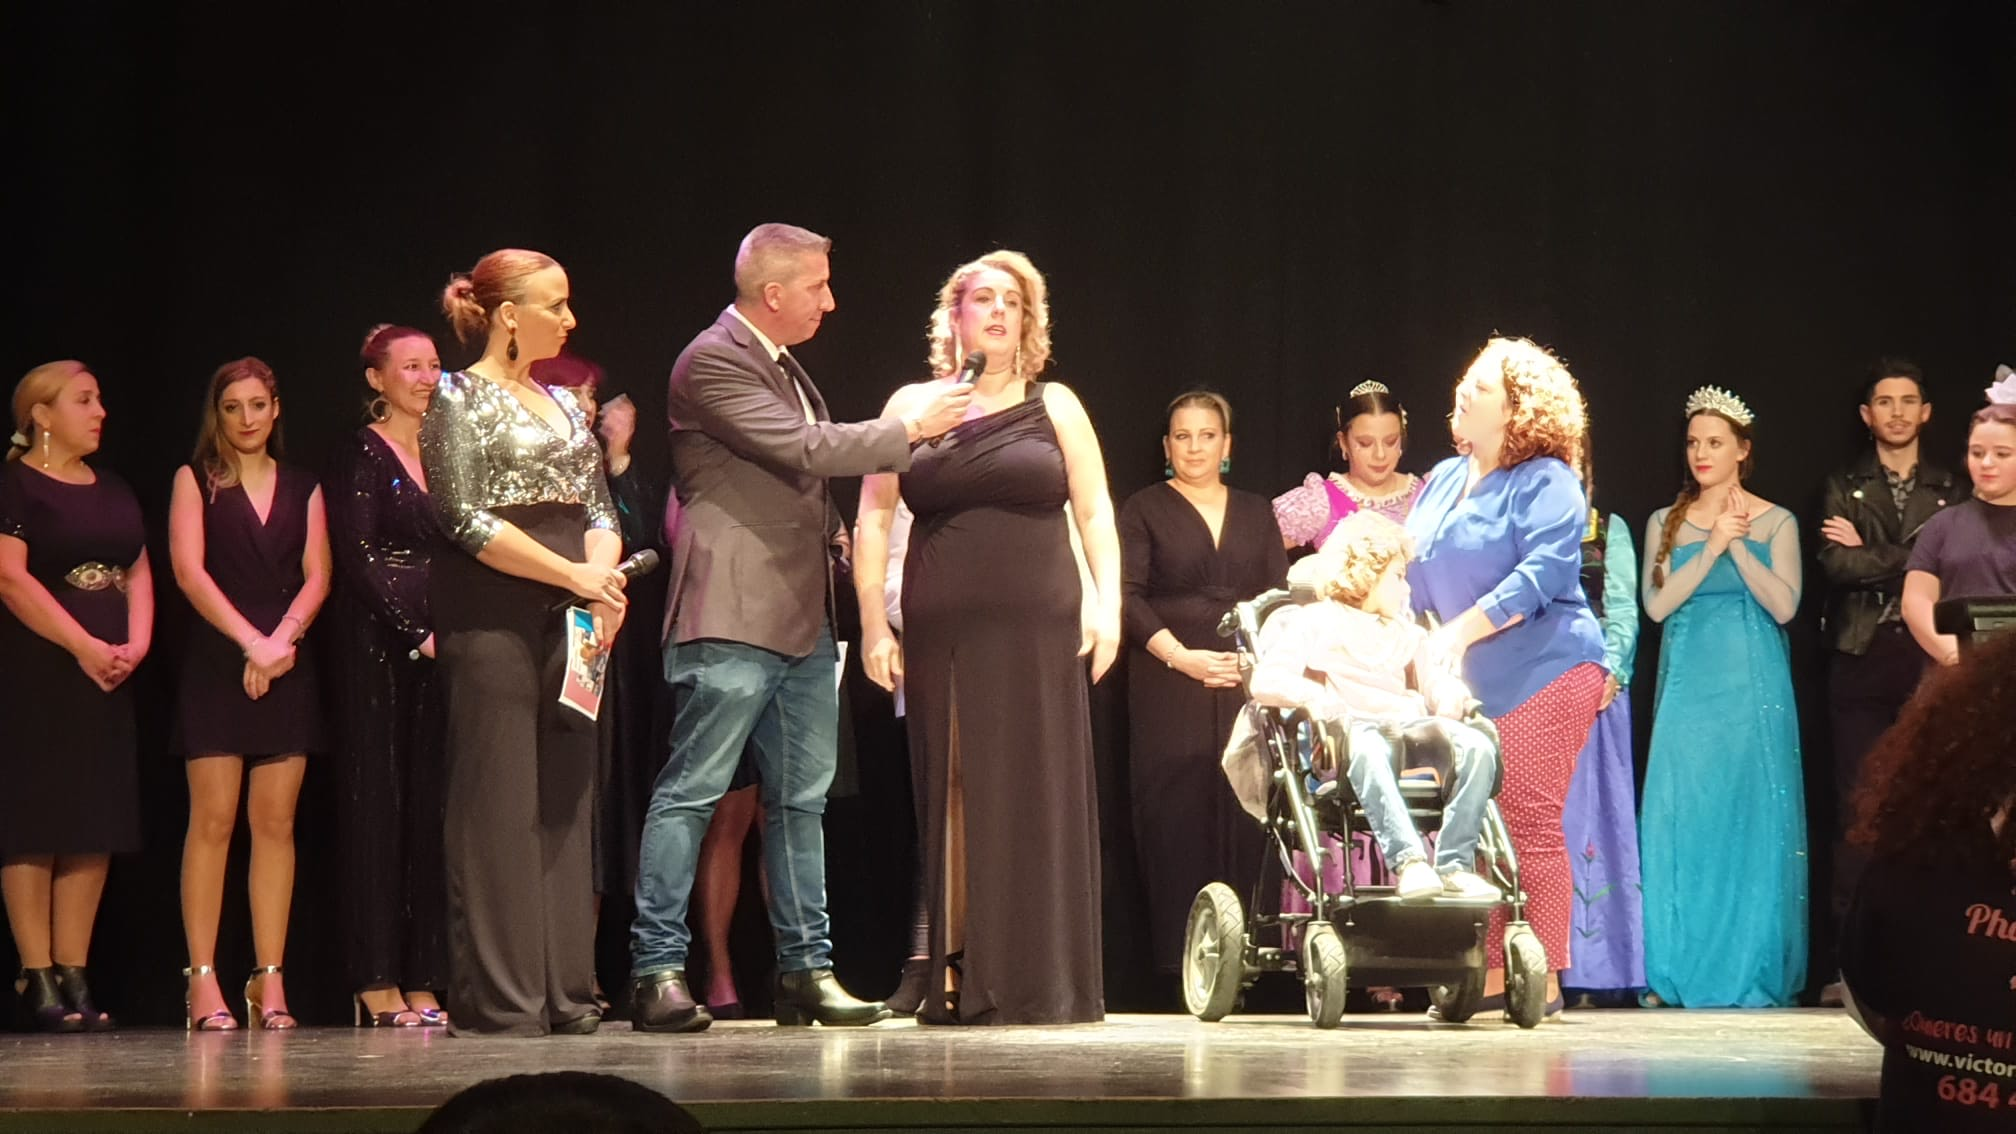 Cúllar Vega recauda más de 700 euros para ayudar a  caminar a Lucía, una niña con parálisis  cerebral